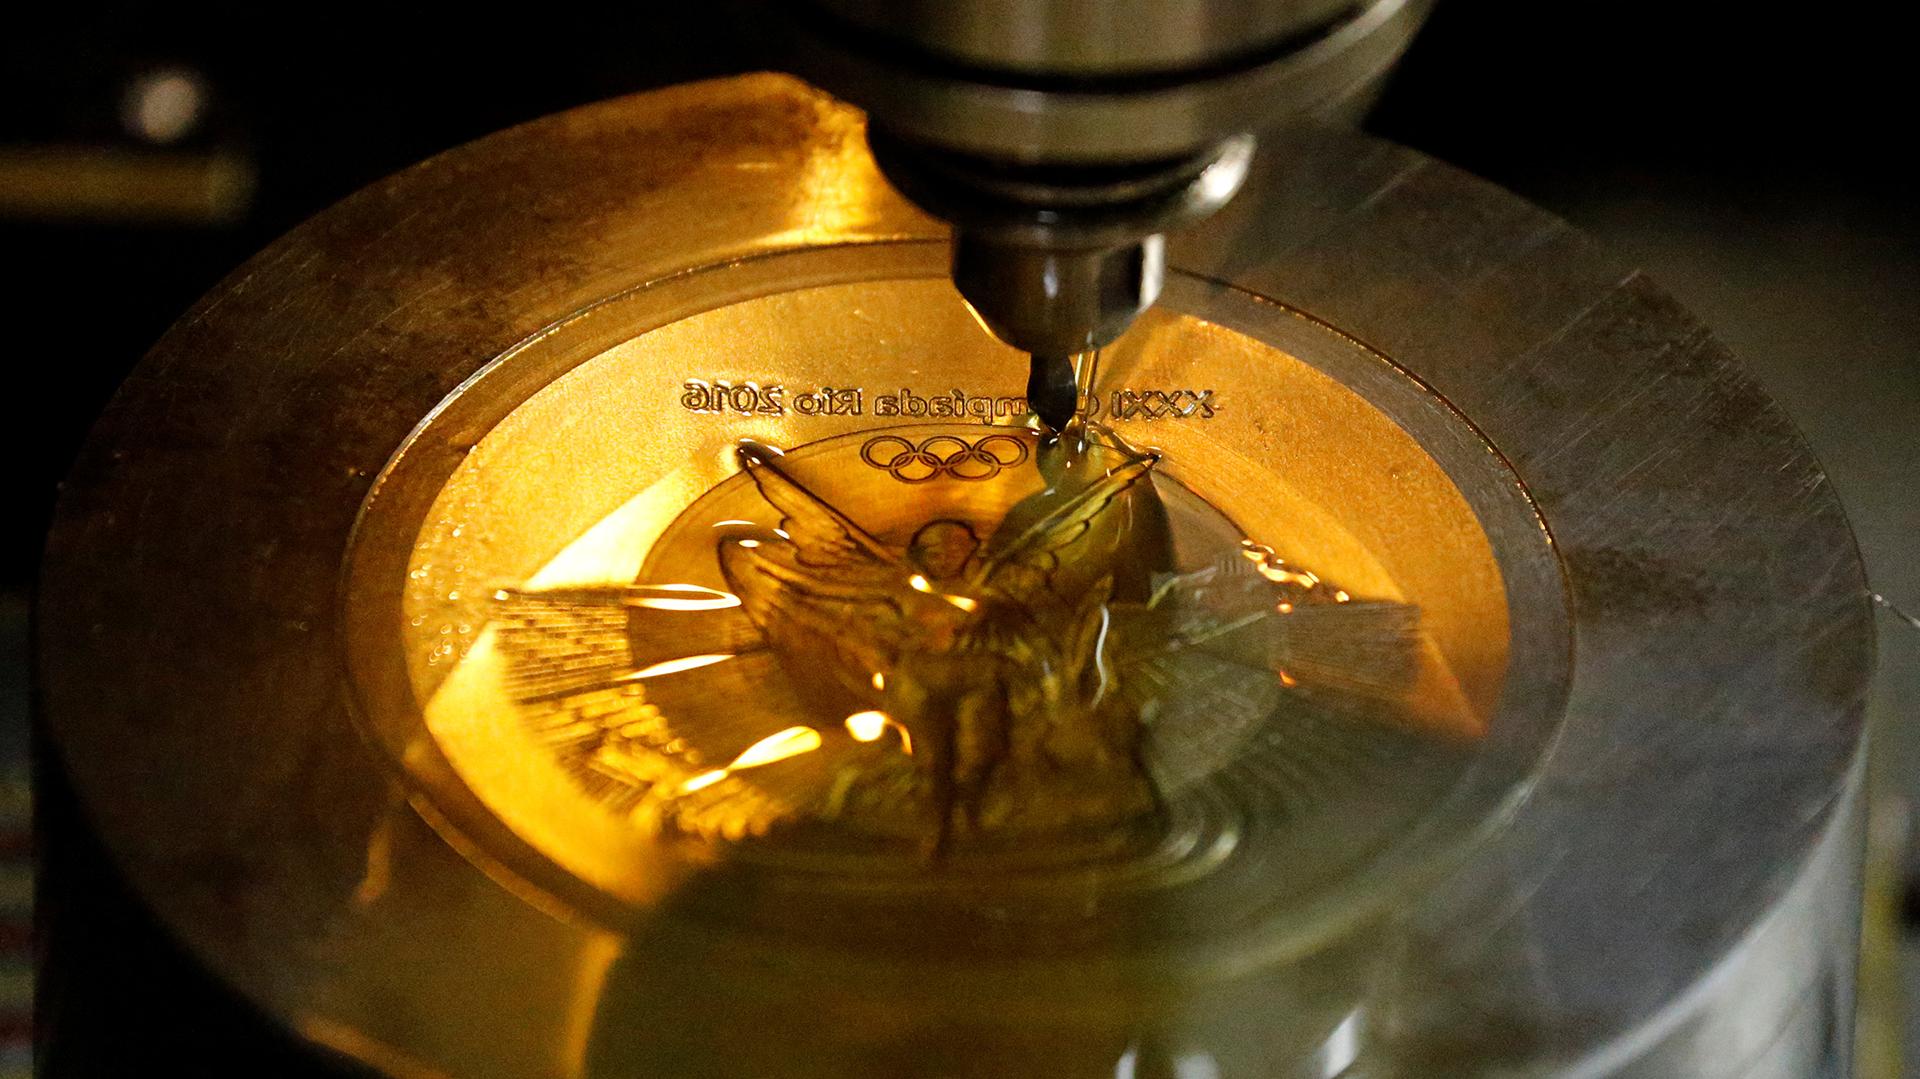 Una máquina serigrafía una medalla olímpica Río 2016 en la Casa de la Moneda de Brasil (Reuters)